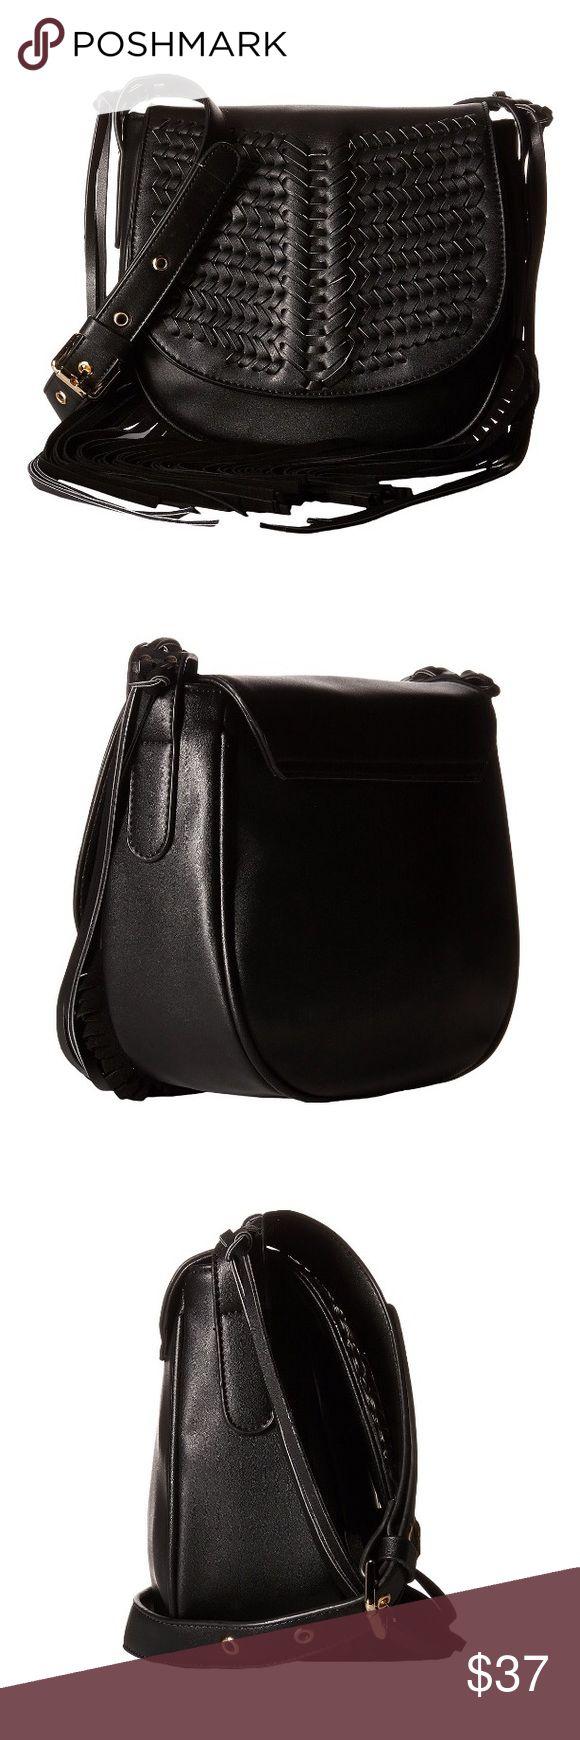 Gabriella Rocha Sarai Crossbody w/Fringe See additional listing.                  Seller Code: 021420170001499 Gabriella Rocha Bags Crossbody Bags